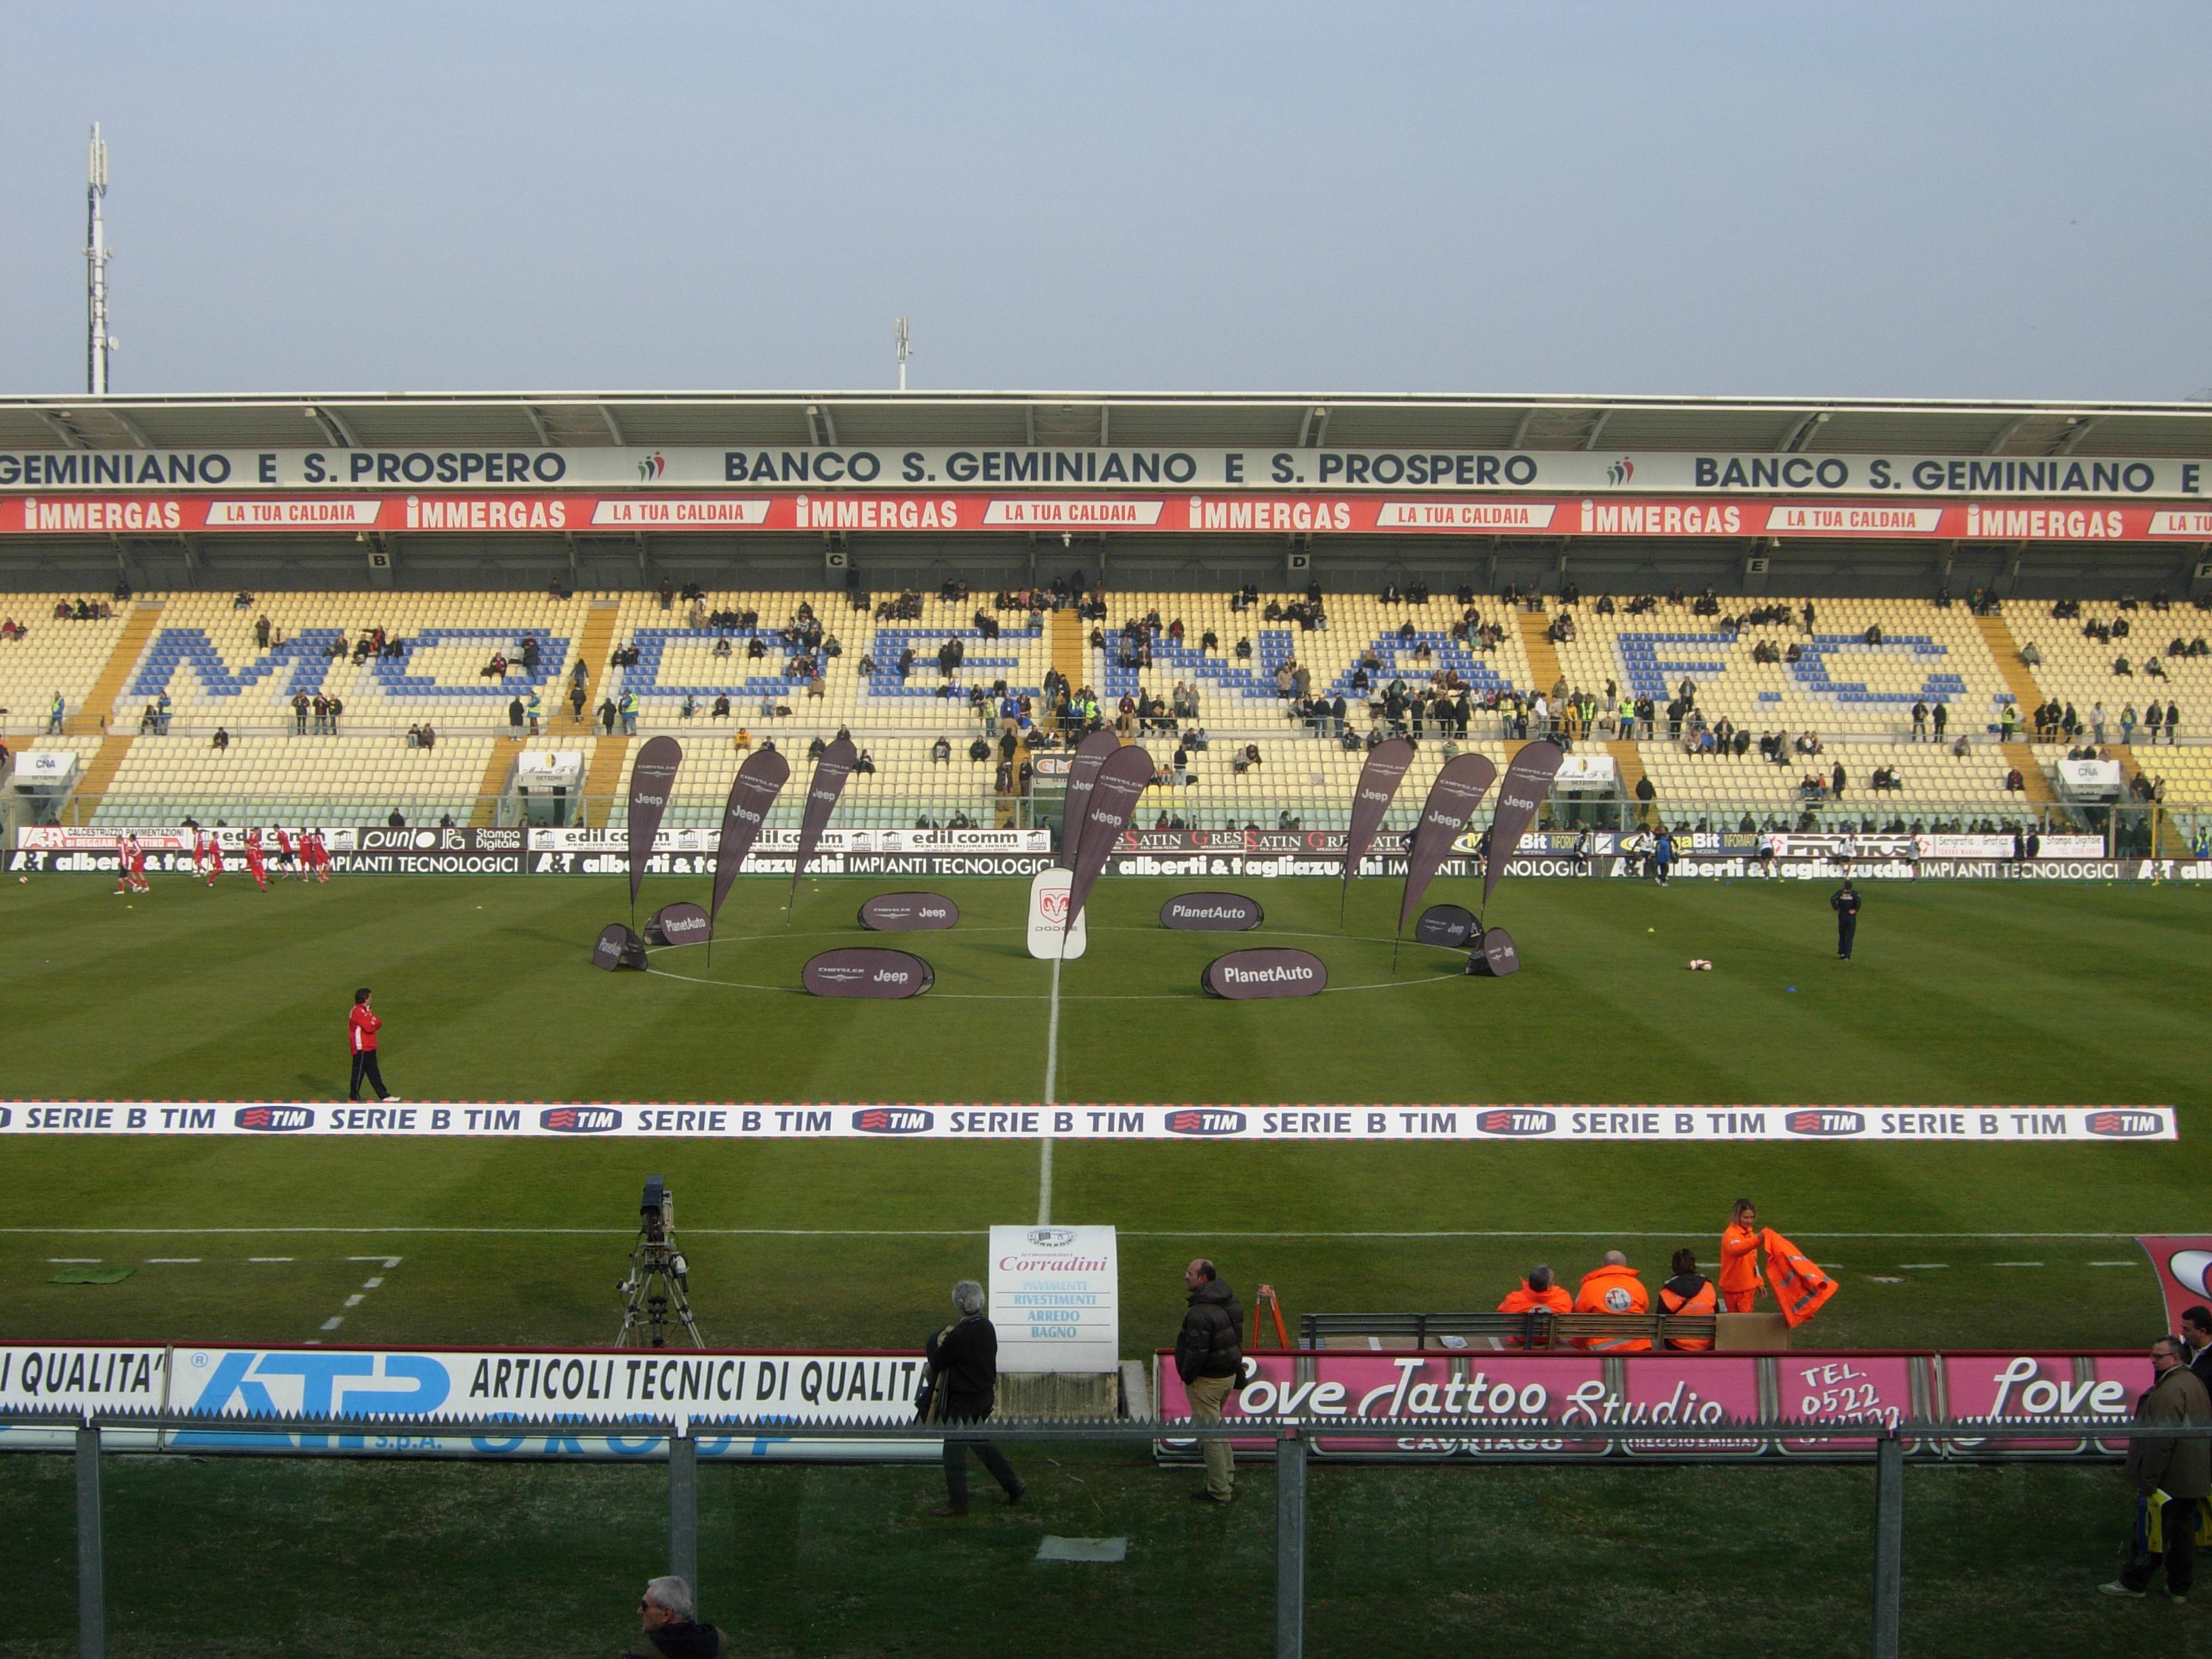 2008-02-23_Stadio_Alberto_Braglia_(Modena)